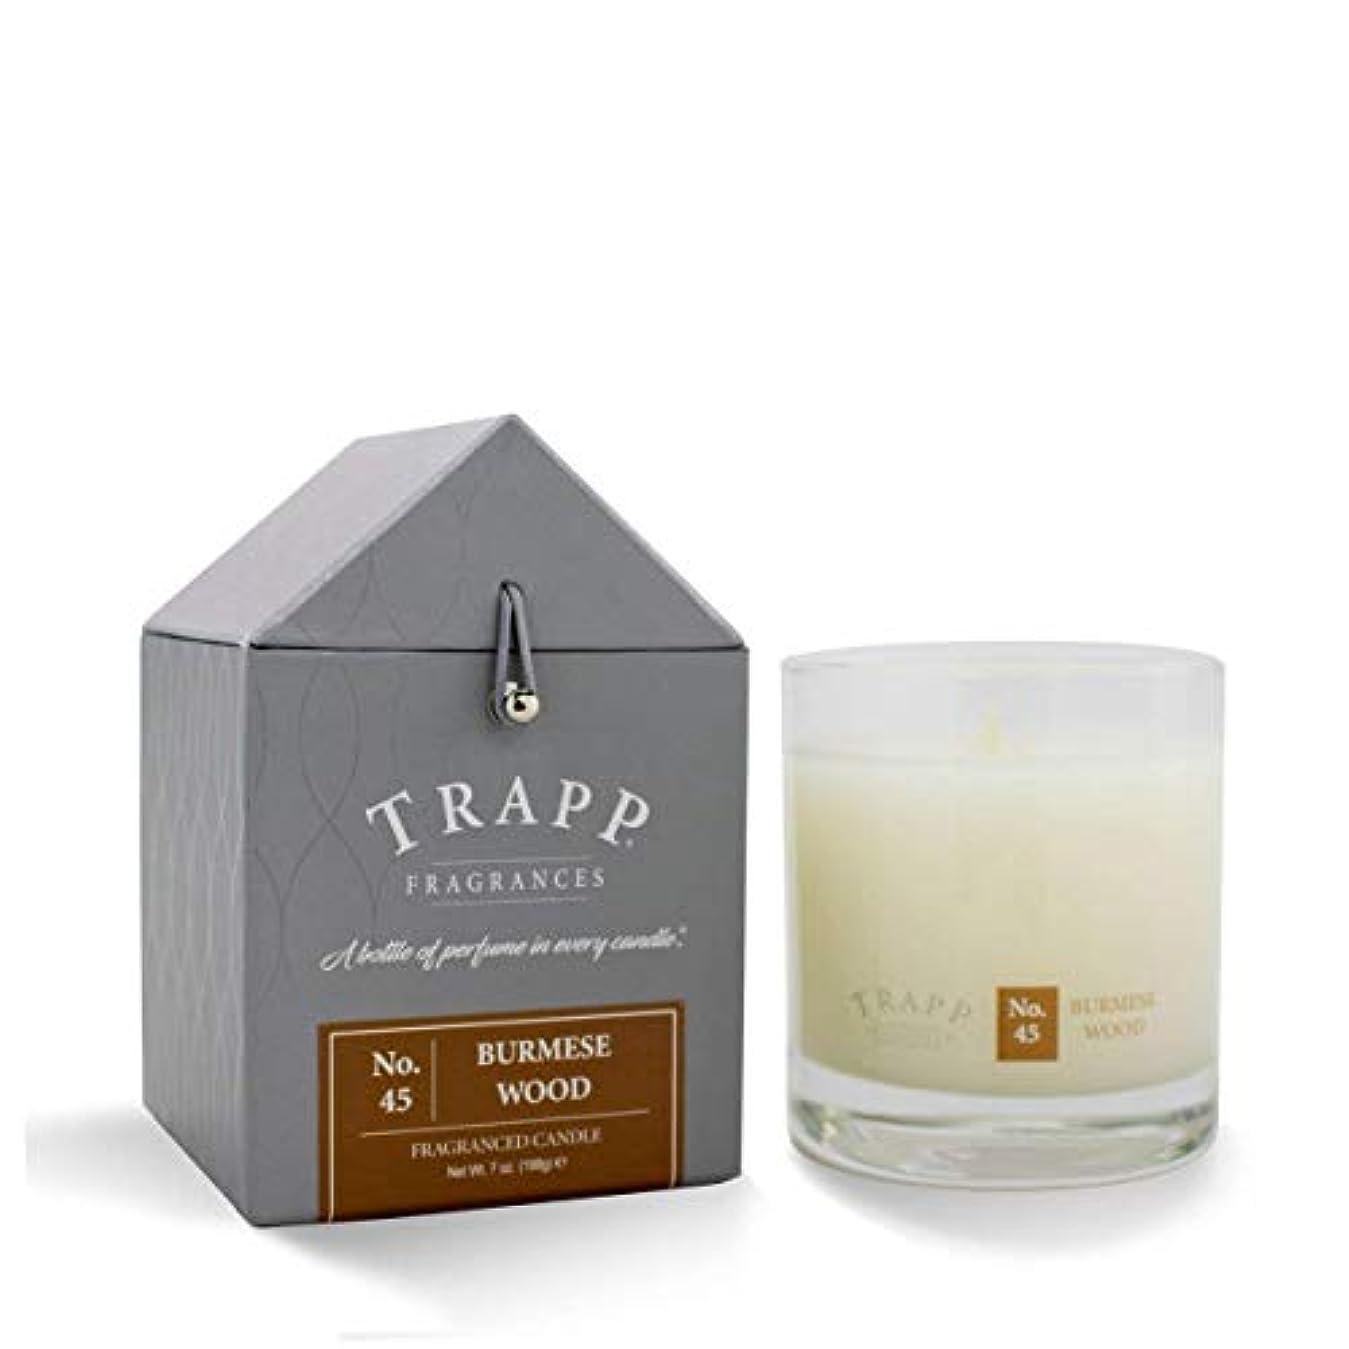 むさぼり食う喪喜んでTrapp Candle No. 45 Burmese Wood 7oz by Trapp